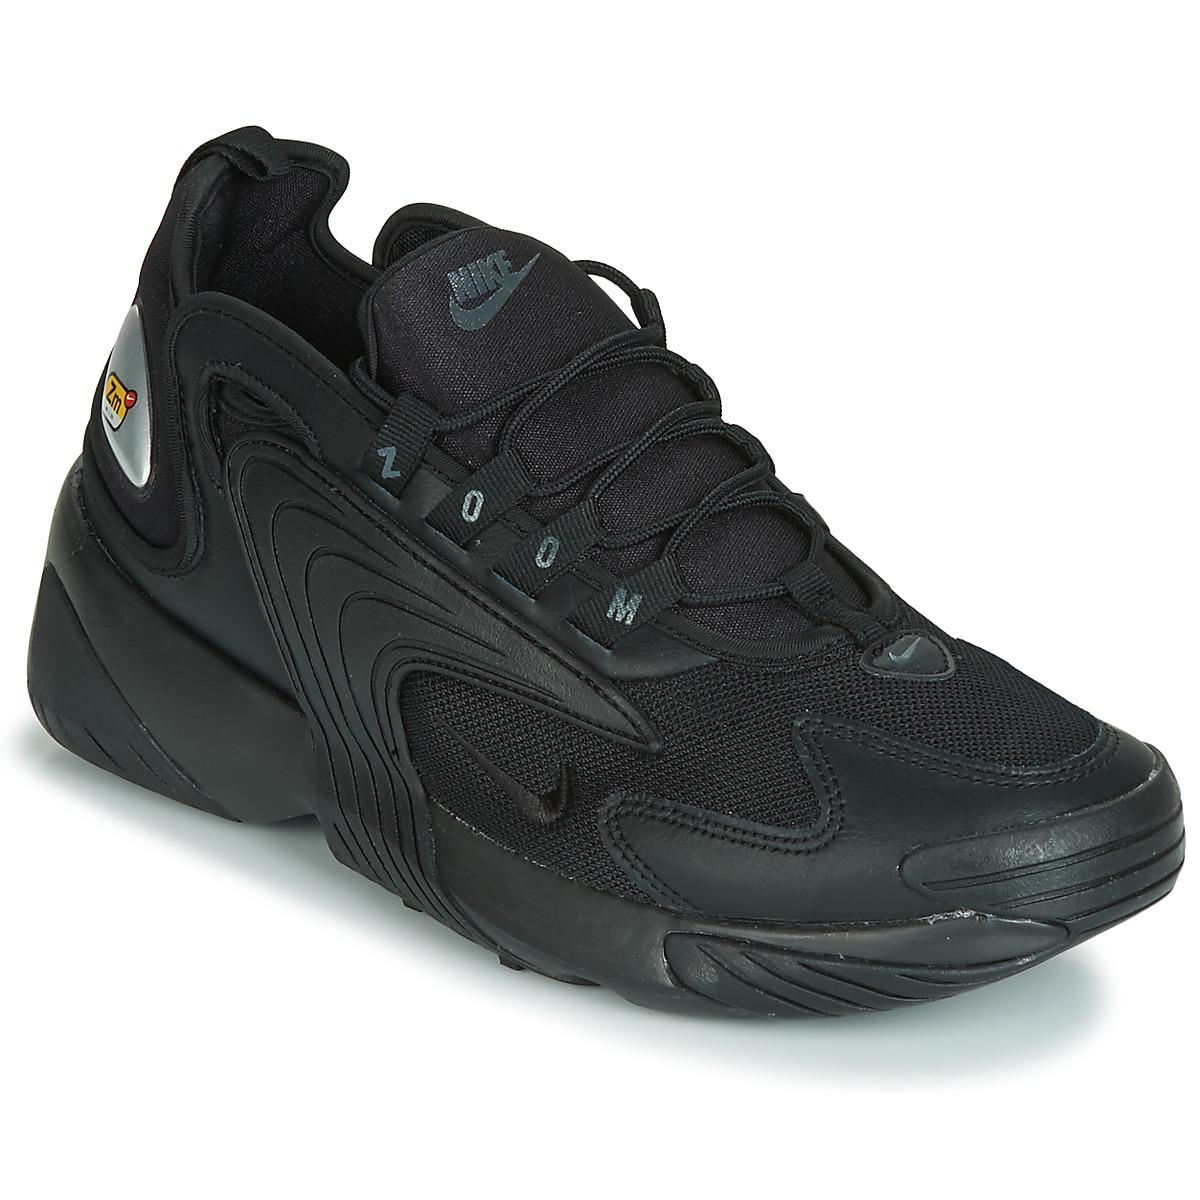 Interpretación compañera de clases extraño  Nike ZOOM 2K Negro - Envío gratis   Spartoo.es ! - Zapatos Deportivas bajas  Hombre 76,50 €